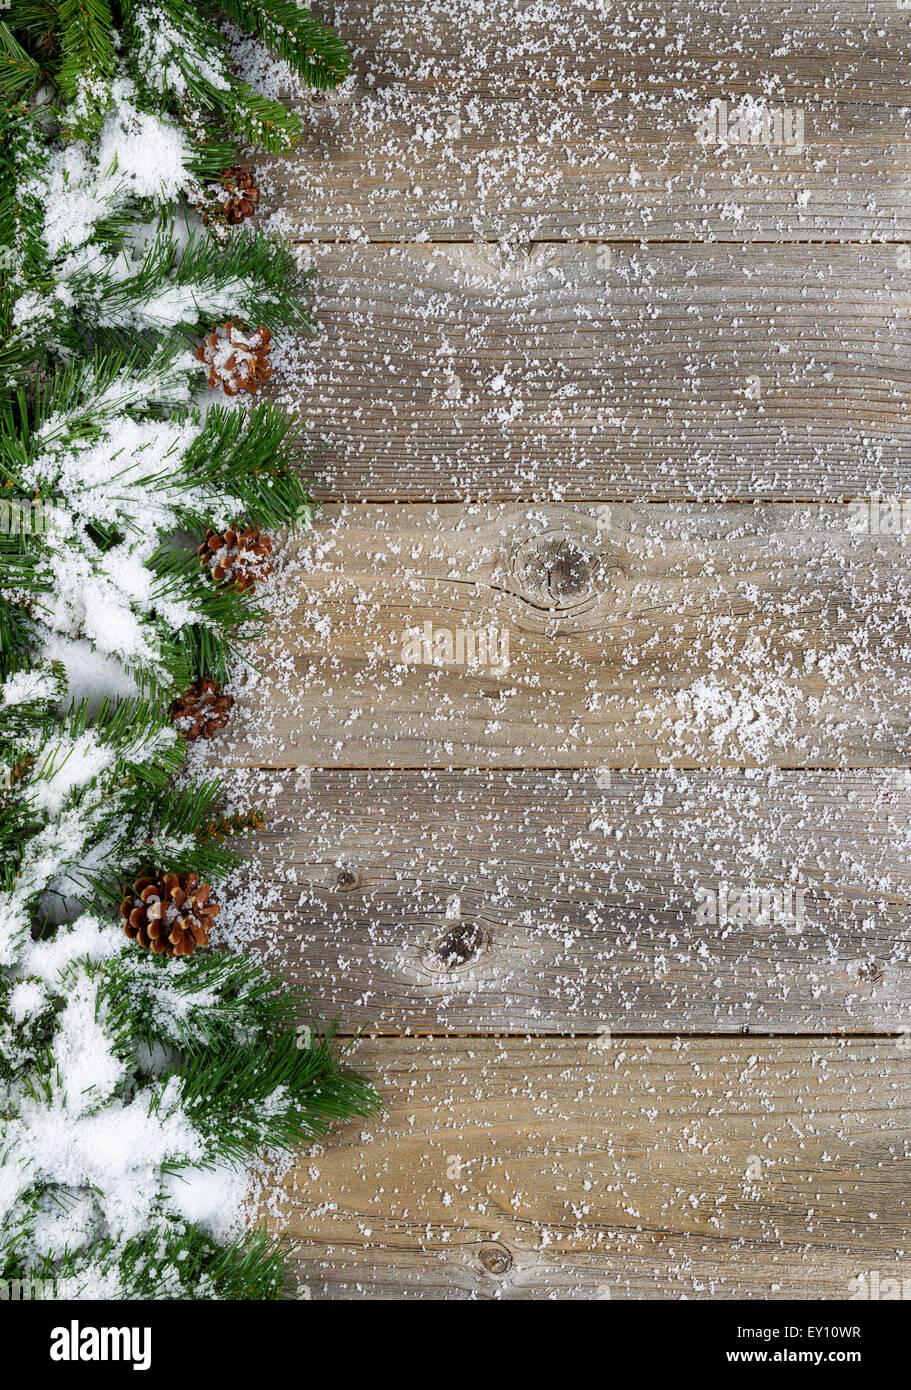 weihnachten grenze mit baum tannenzweigen zapfen und schnee auf urigen holzbrettern layout in. Black Bedroom Furniture Sets. Home Design Ideas